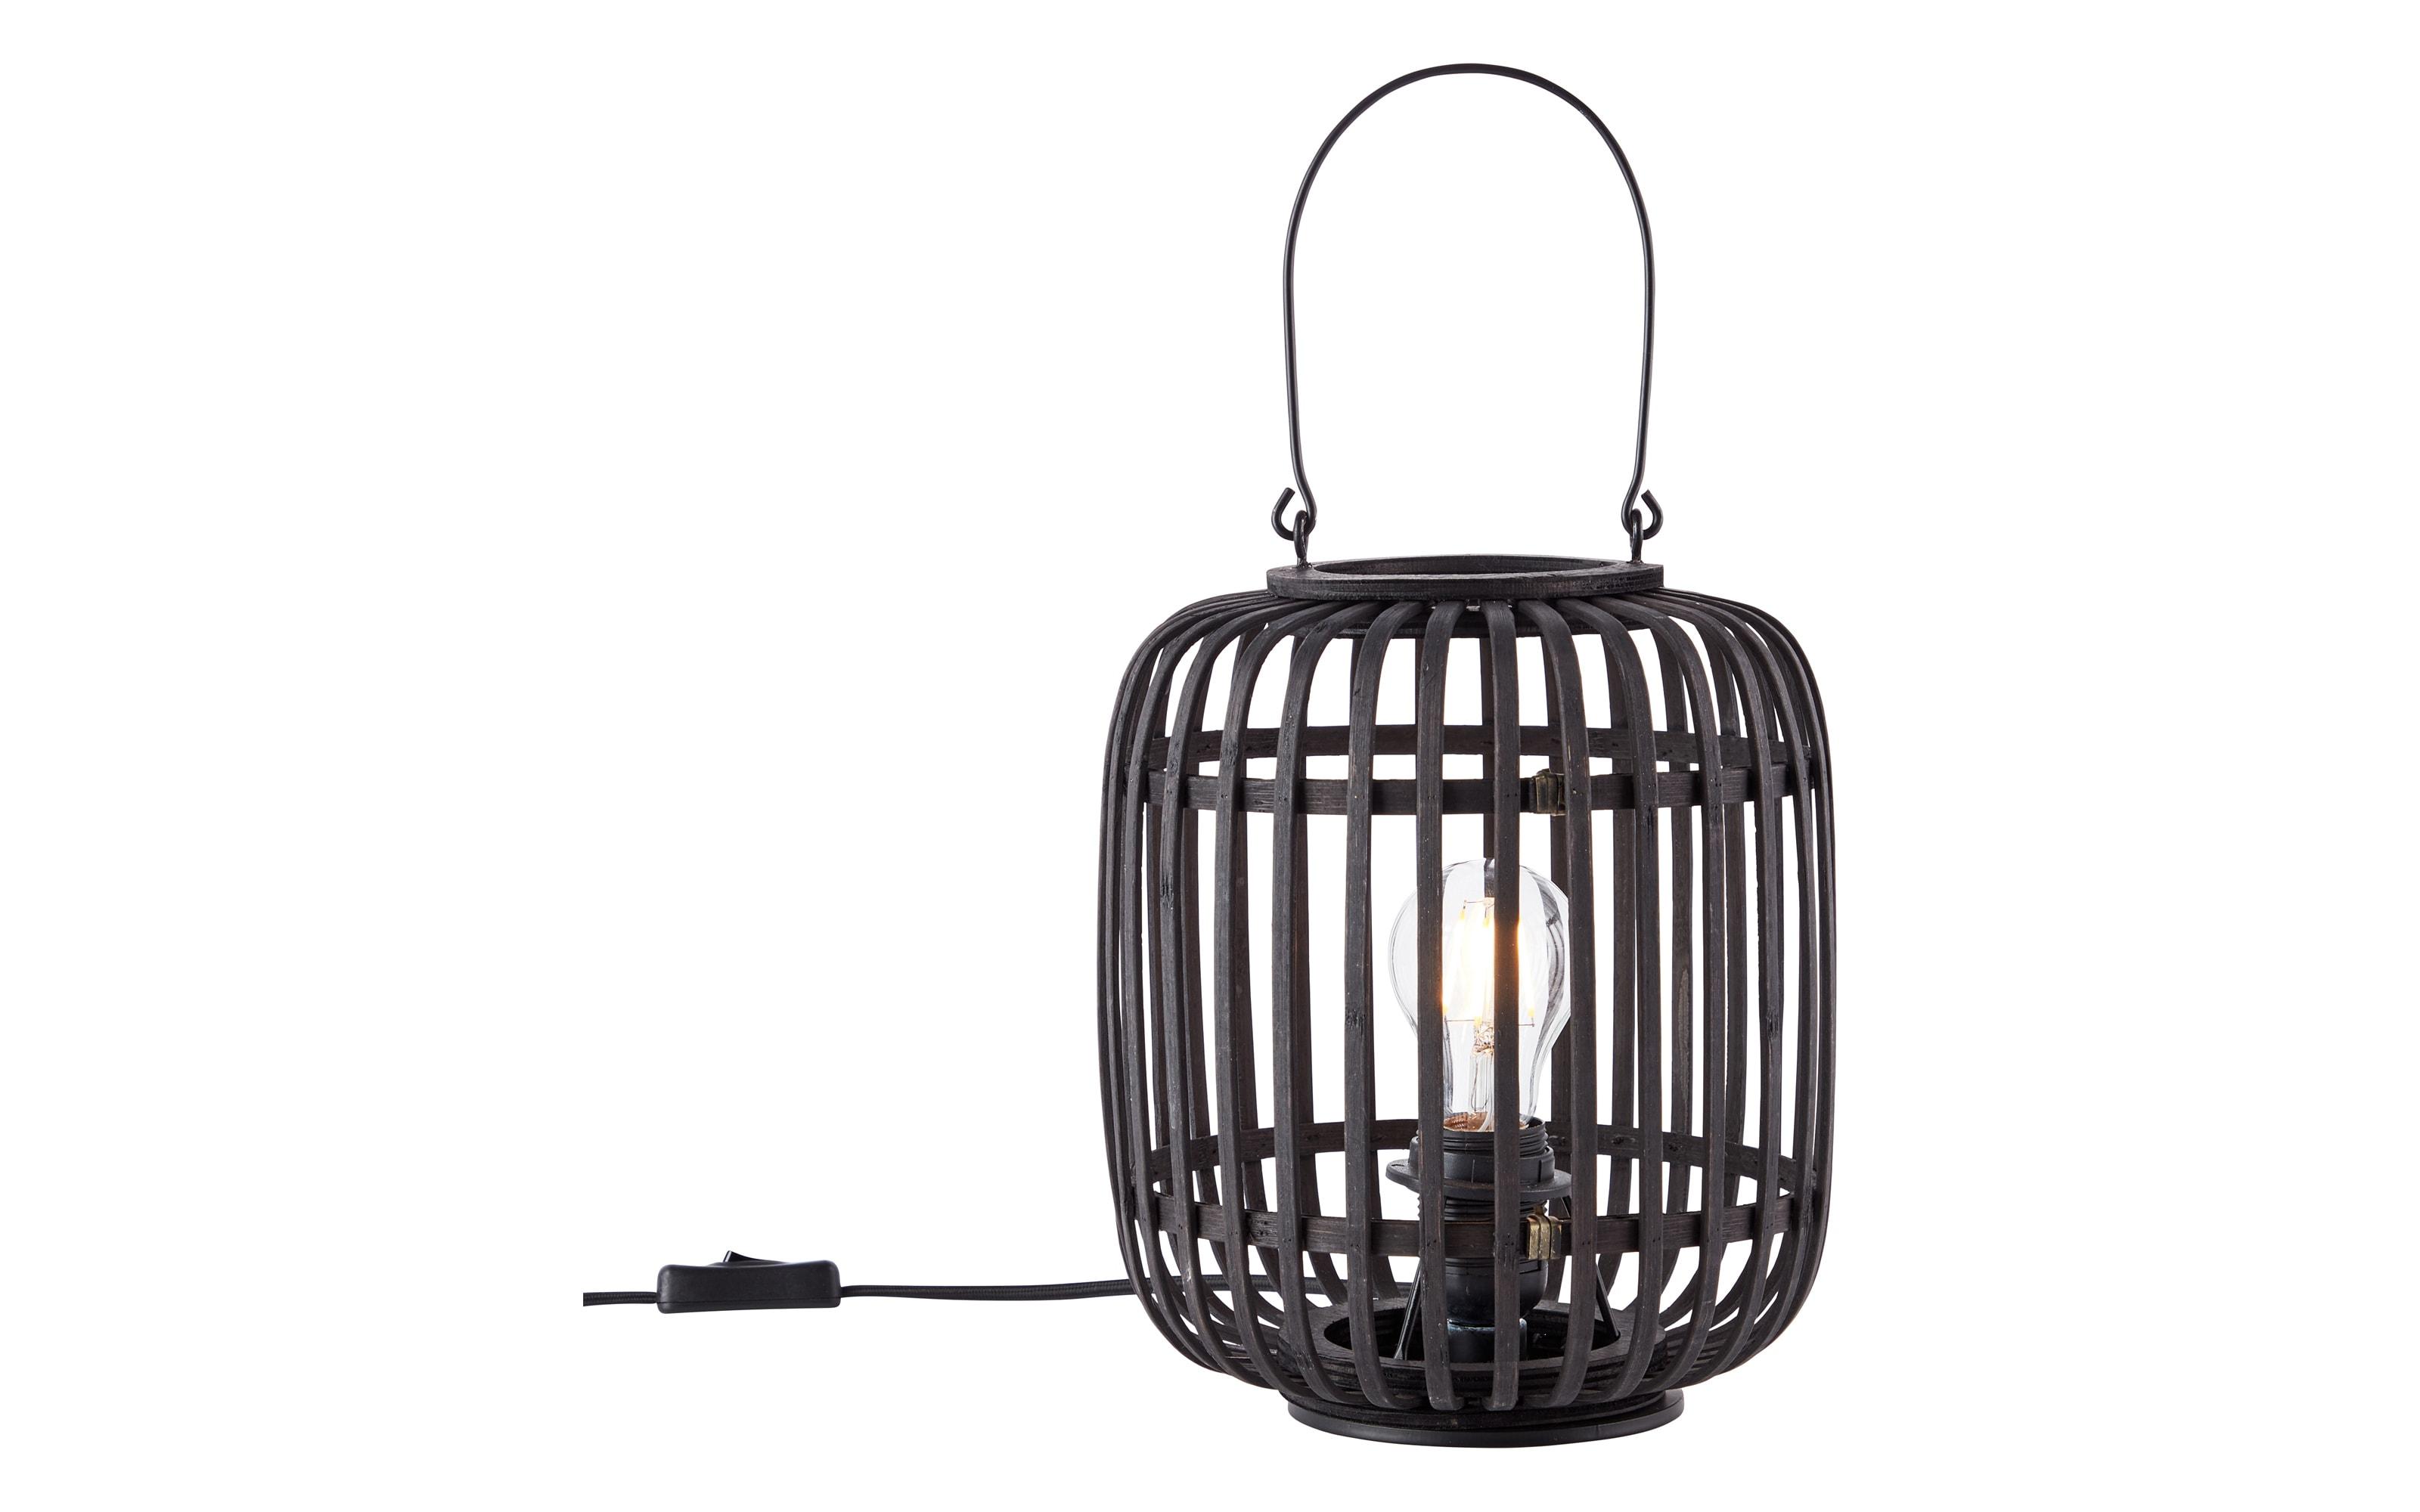 Tischleuchte Woodrow in schwarz/Holz-Dekor